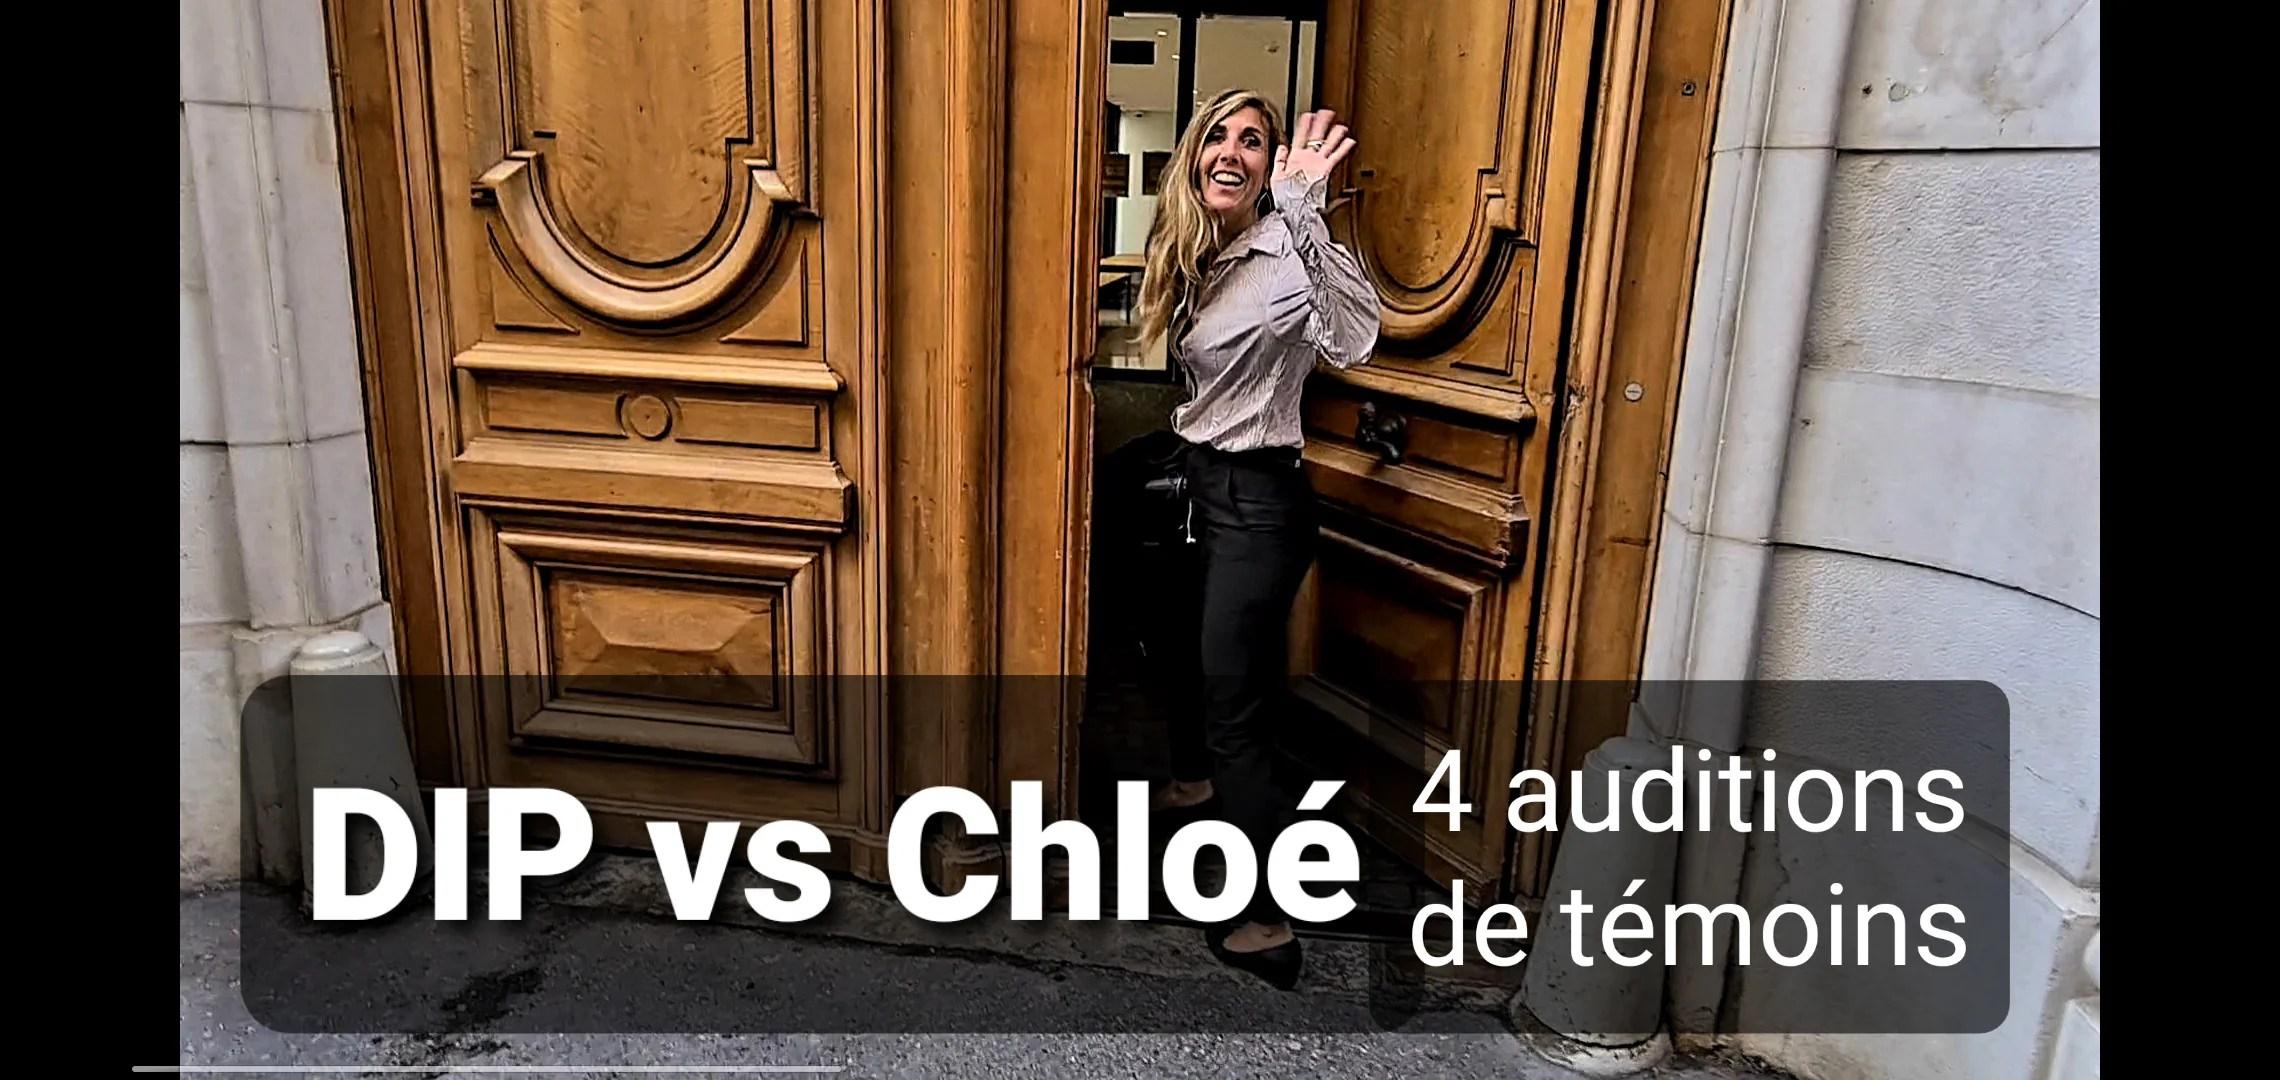 L'enquête administrative DIP vs Chloé continue – 4 auditions de témoins (sept. 2021)